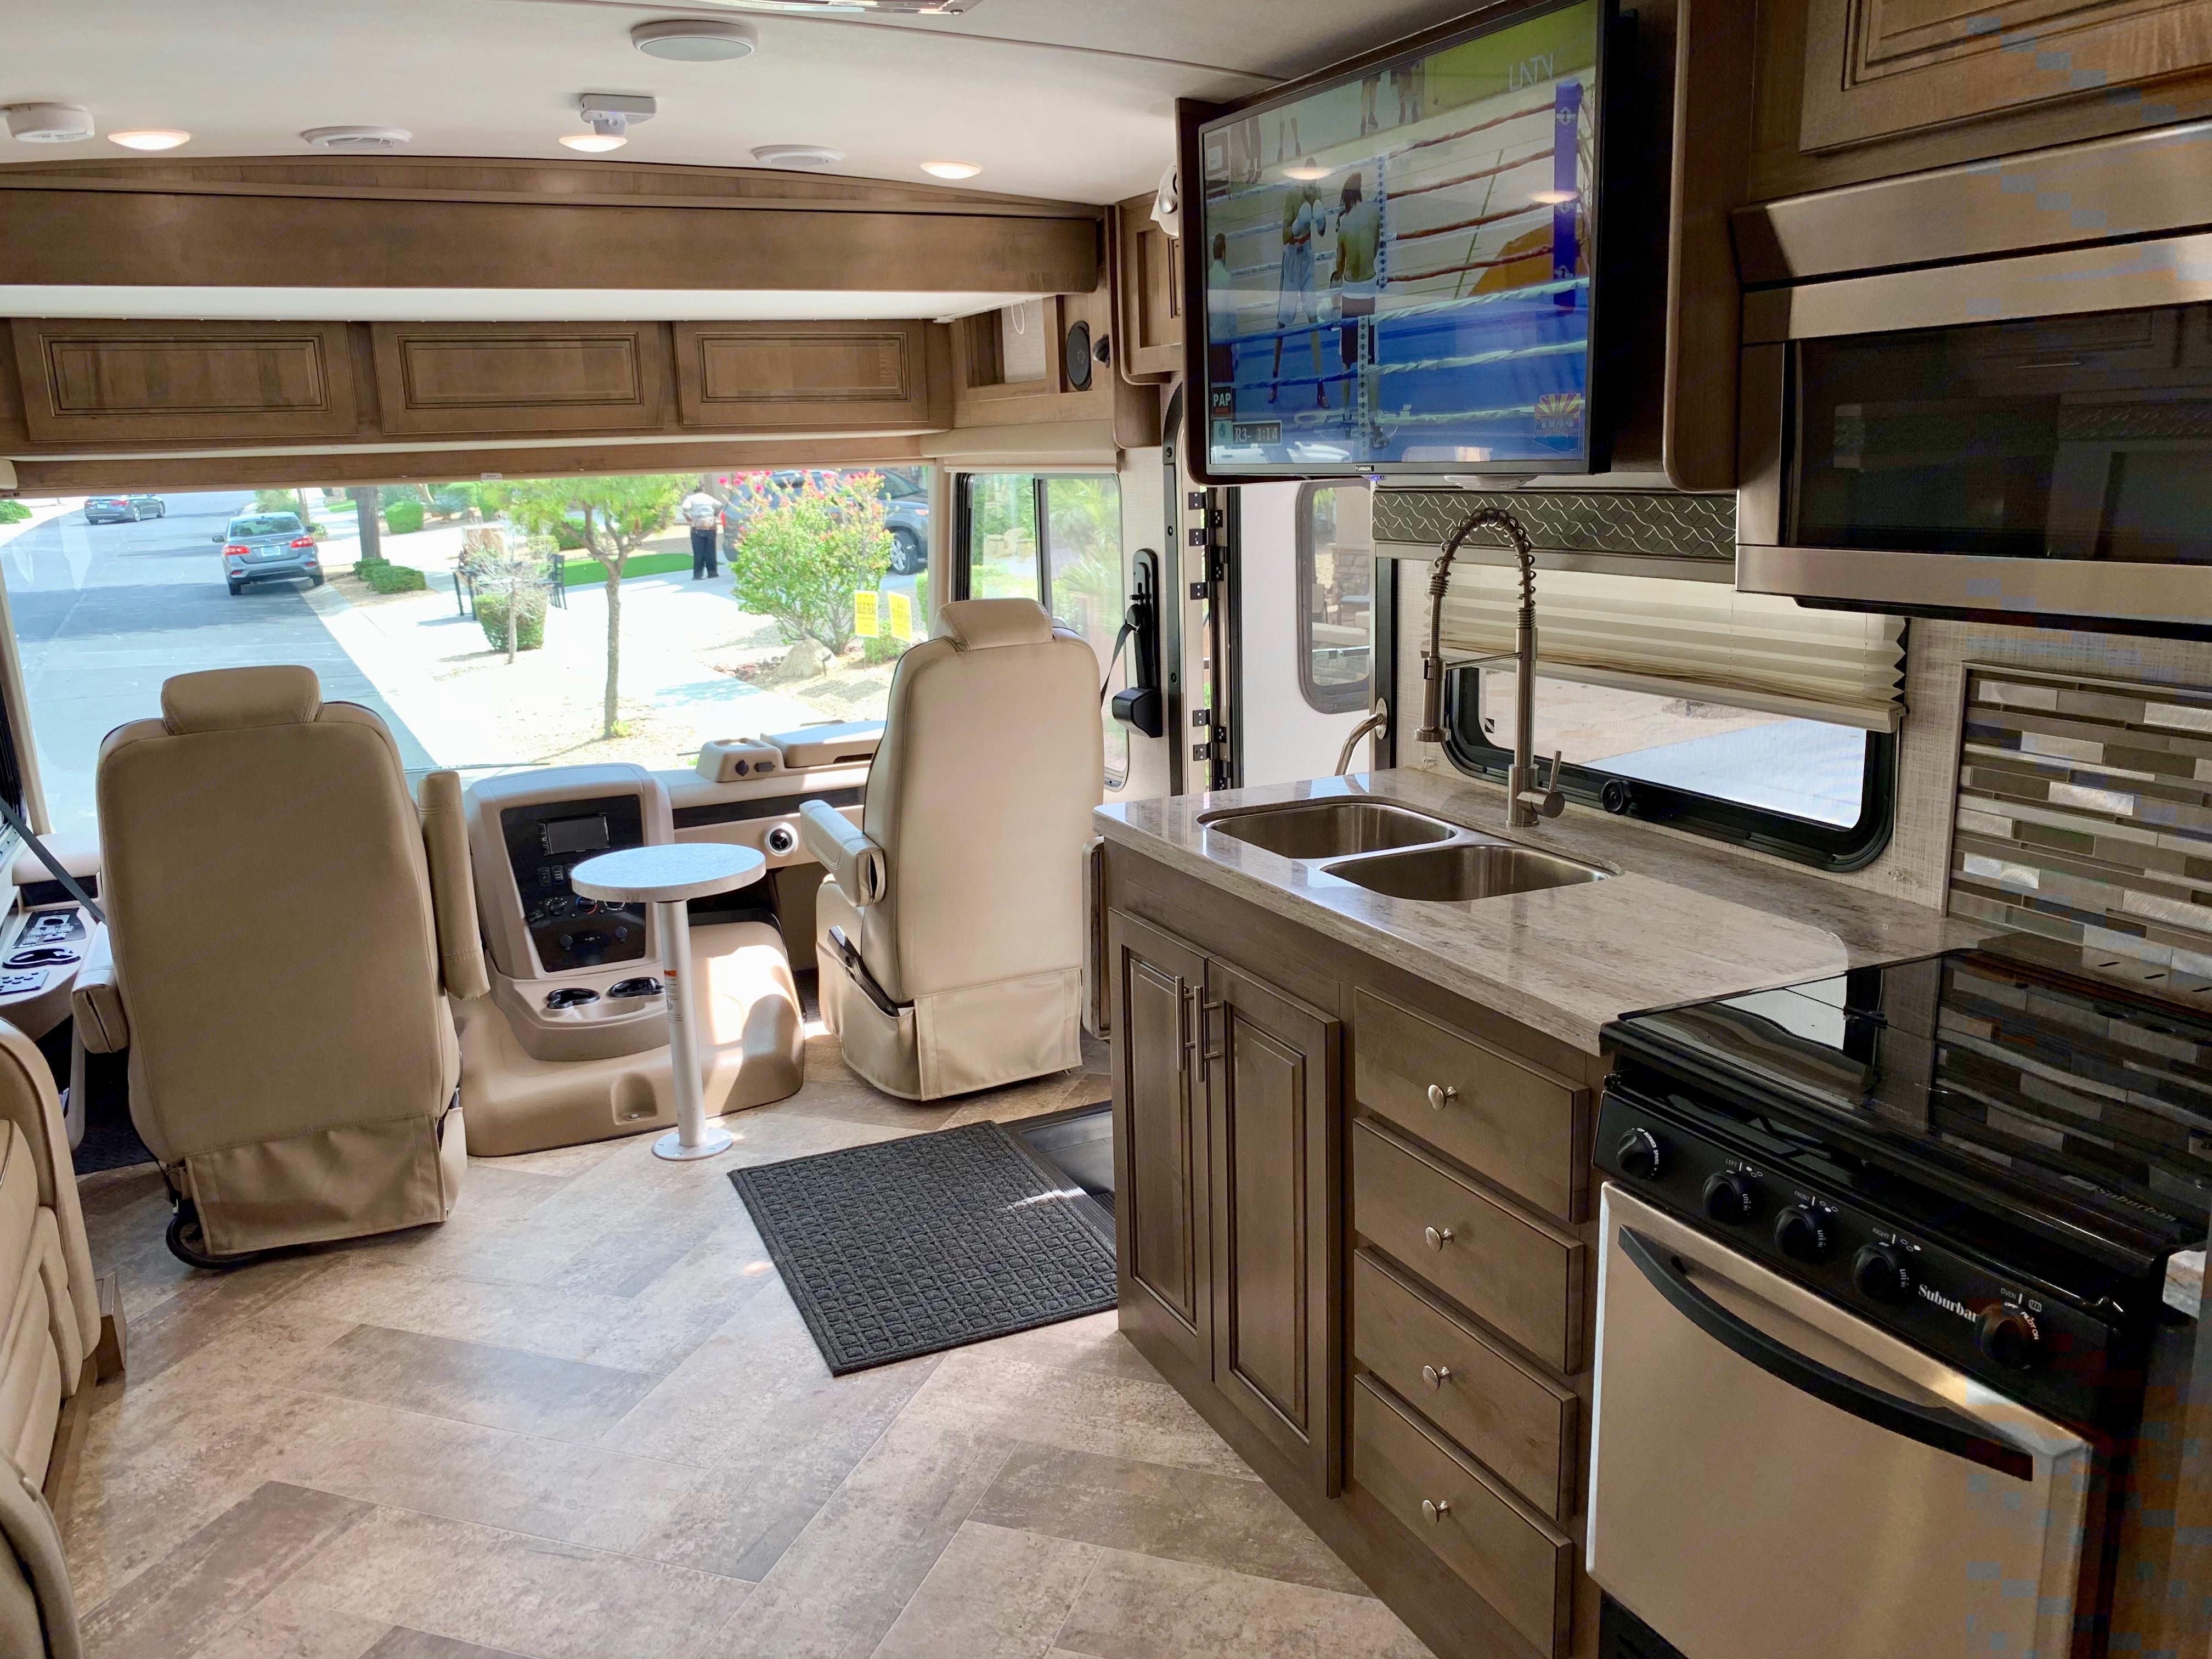 Kitchen. Forest River Georgetown 2019